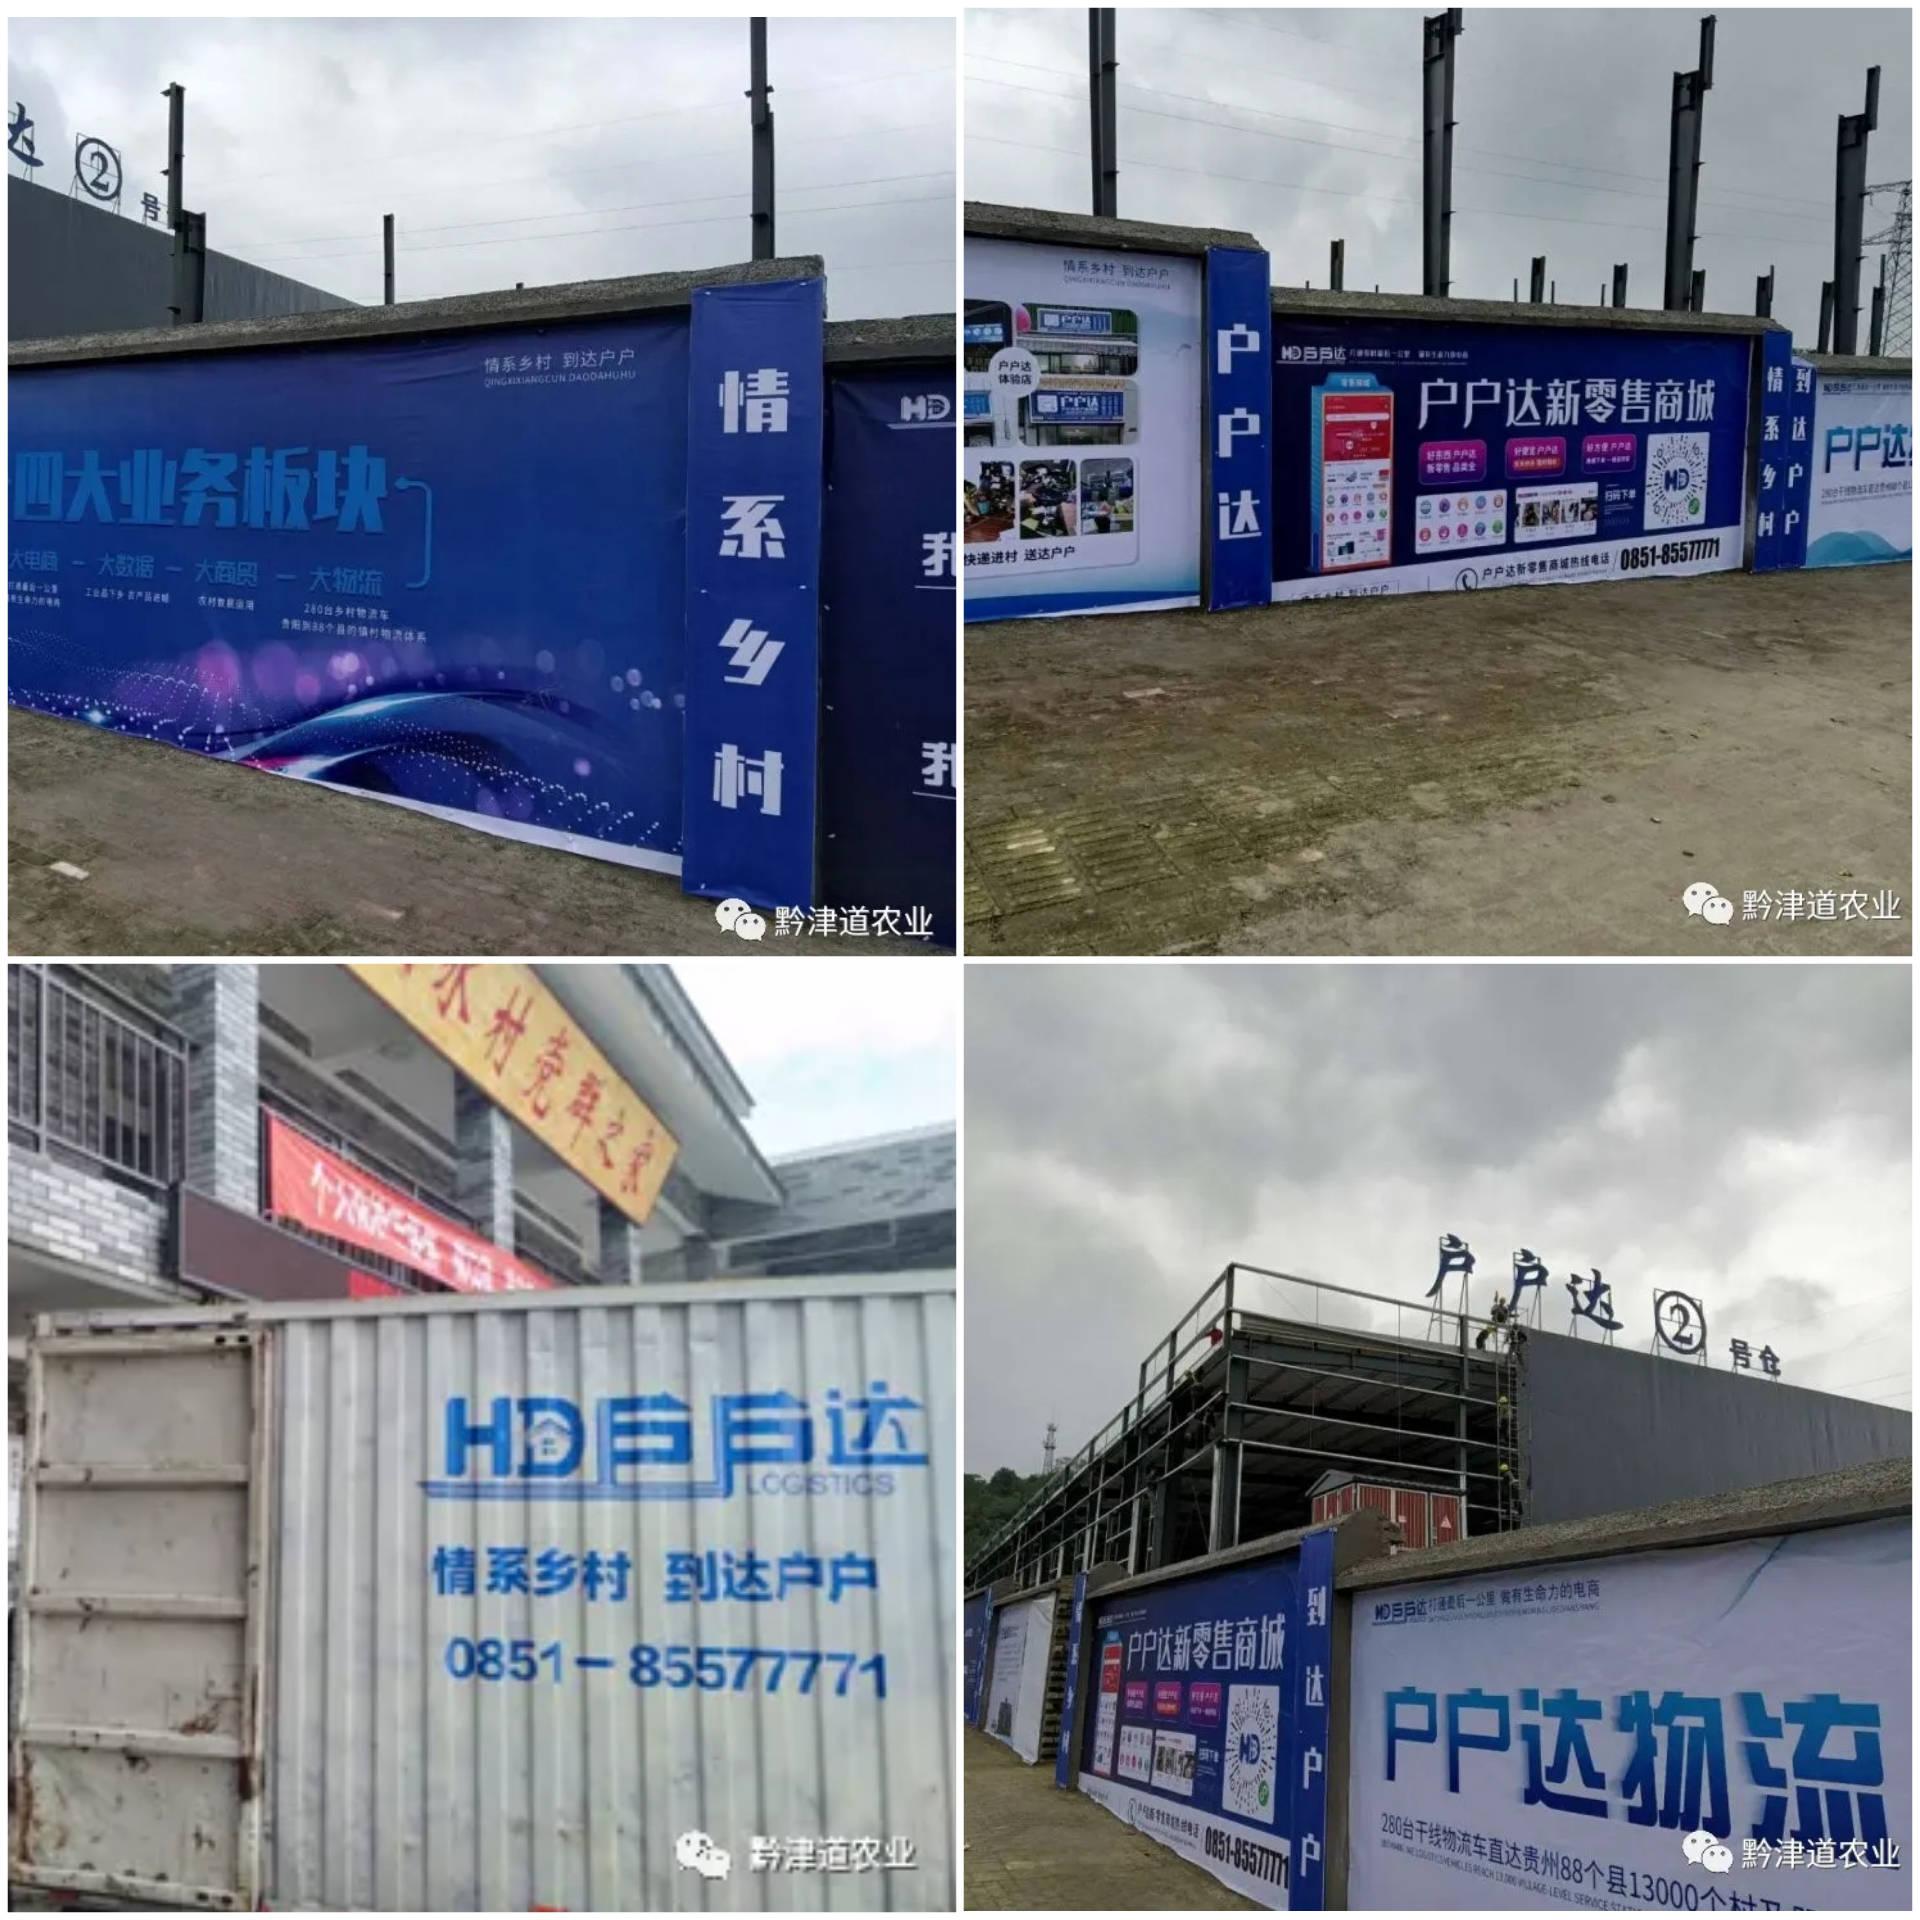 贵州户新仓库投资6万平方米